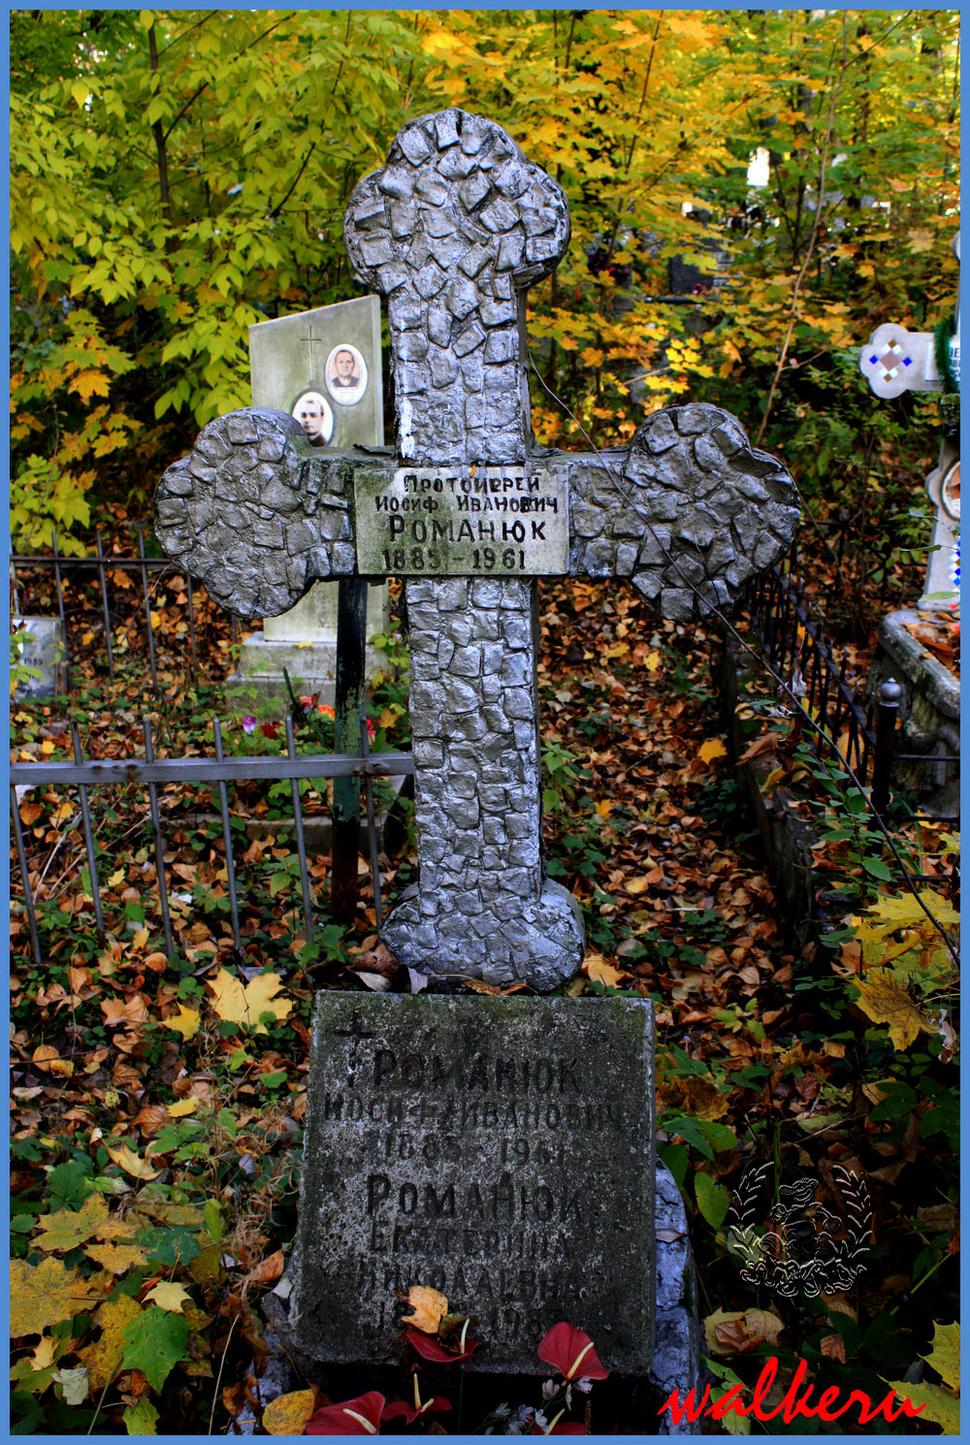 Могила Романюка И.И.на Ново-Волковском кладбище